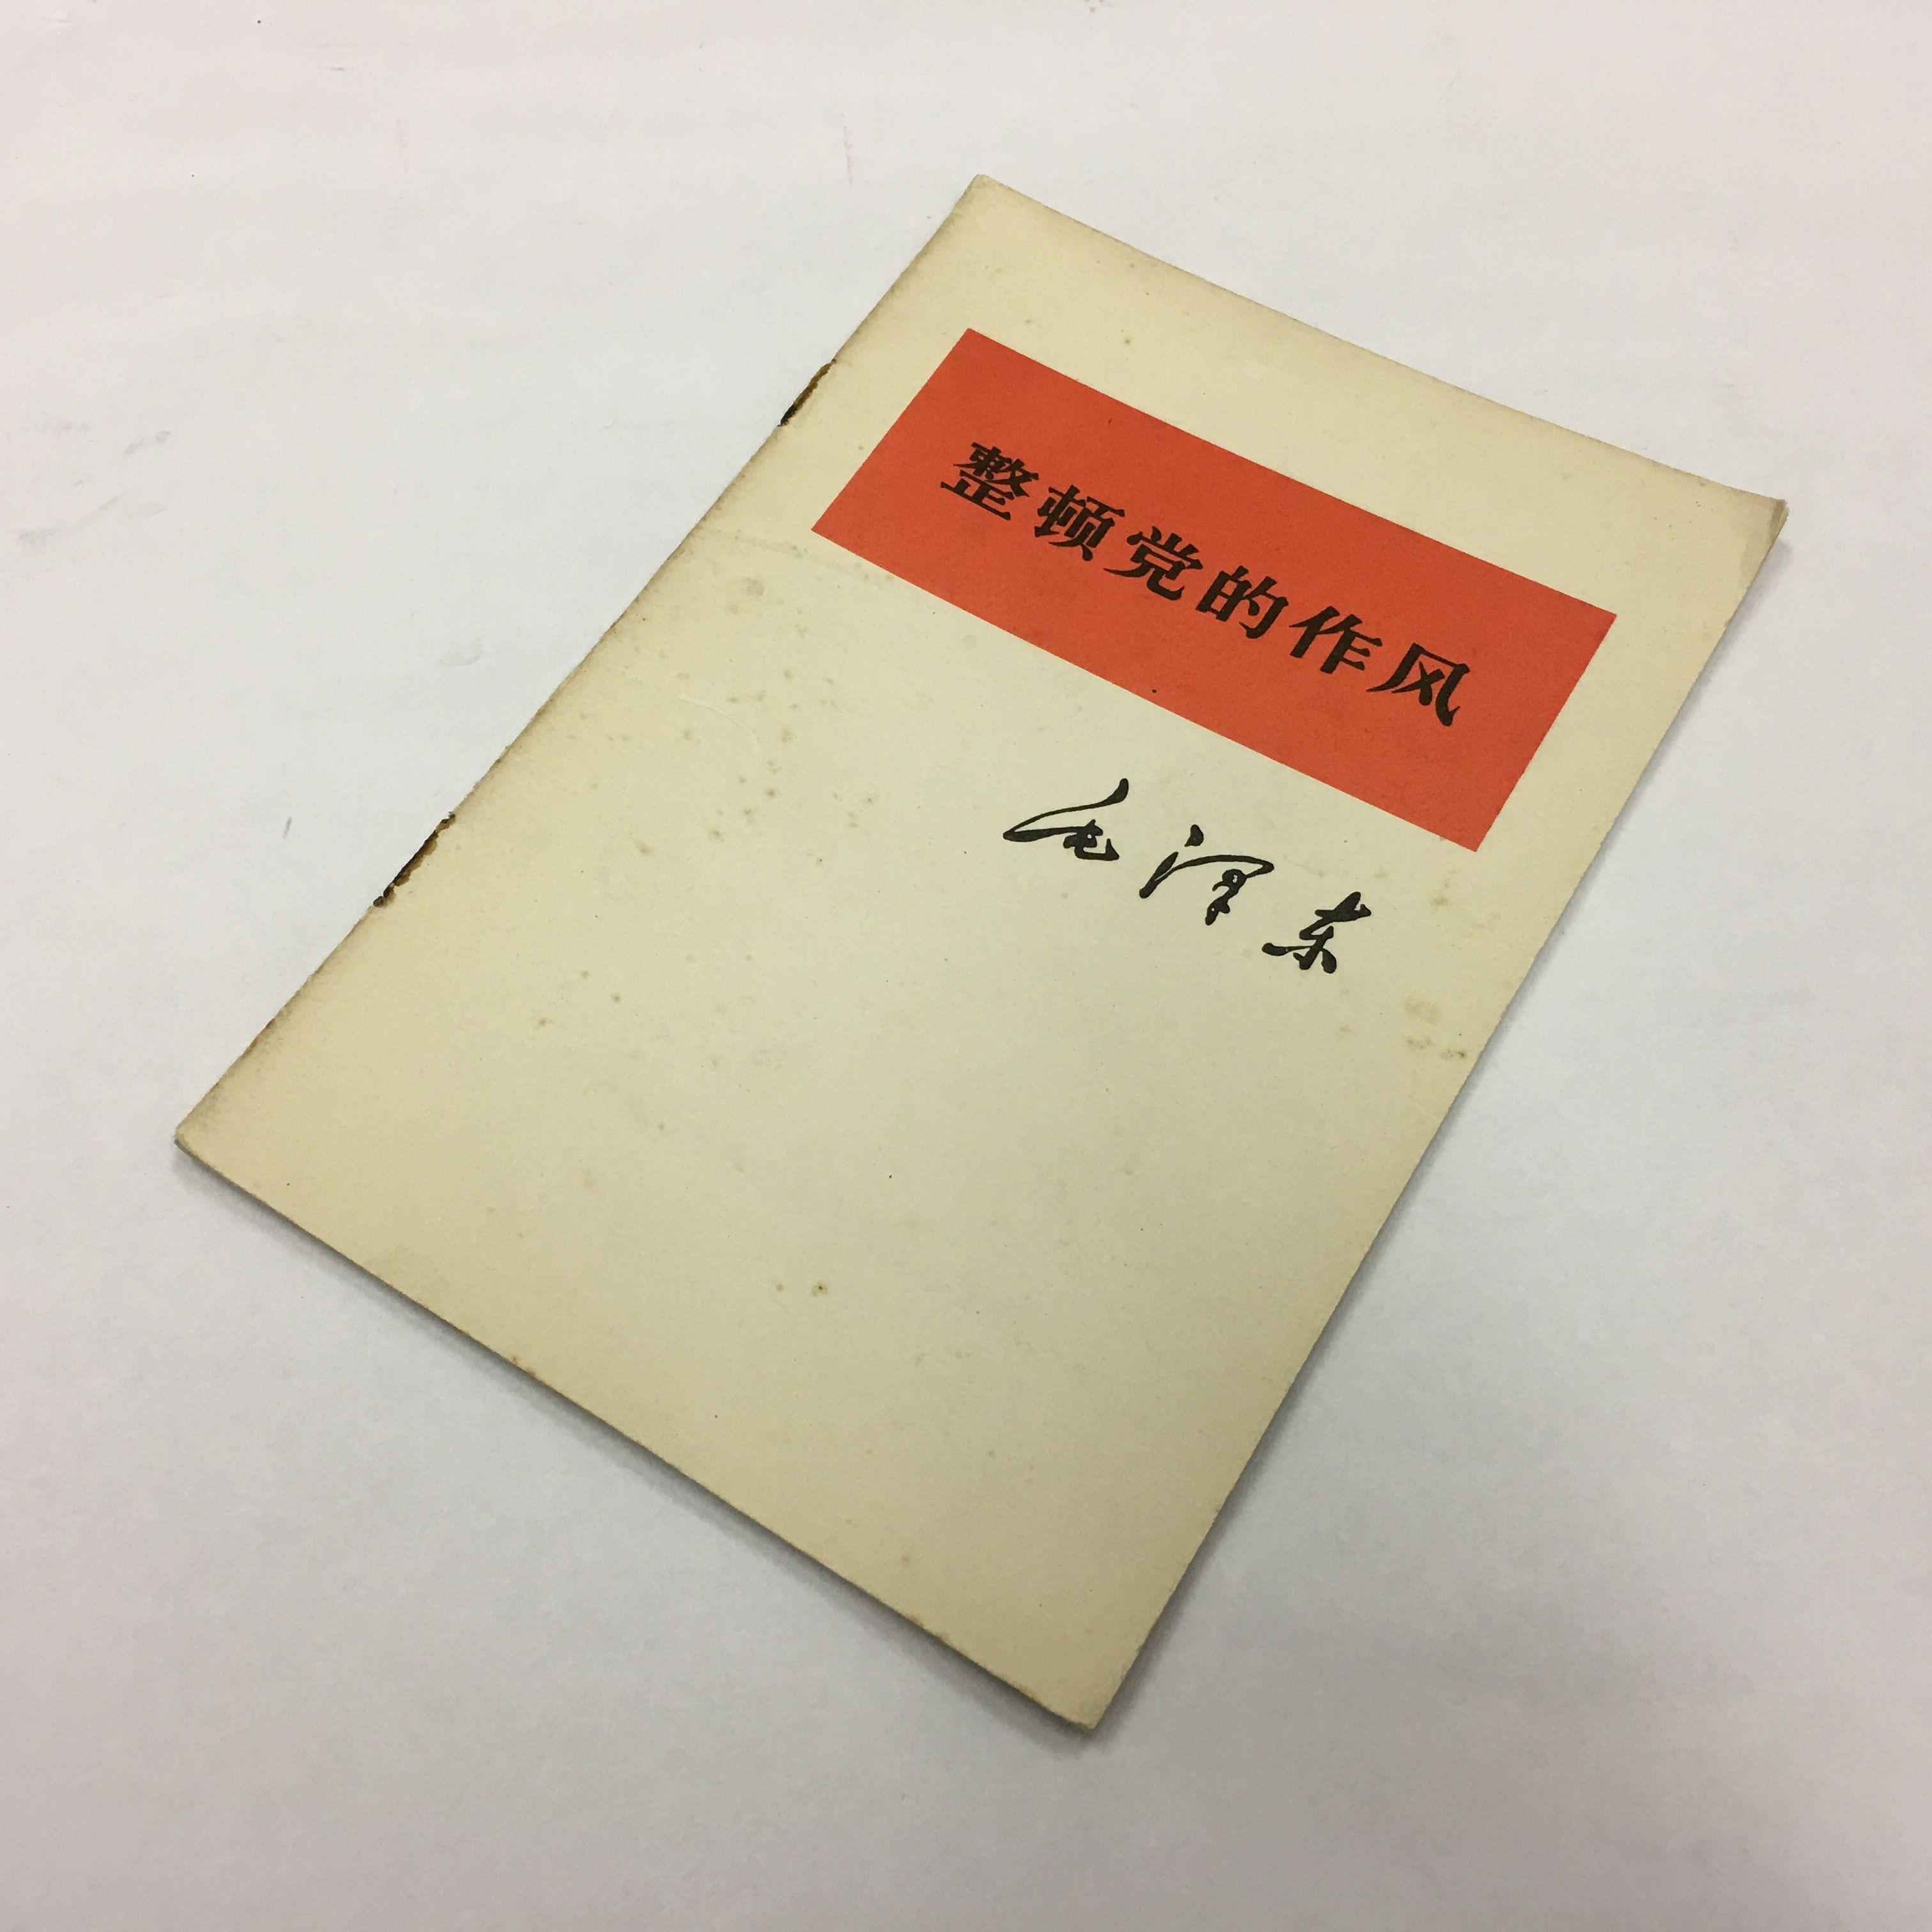 「党の作風を整頓する」毛沢東 中国人民解放軍 戦士出版社